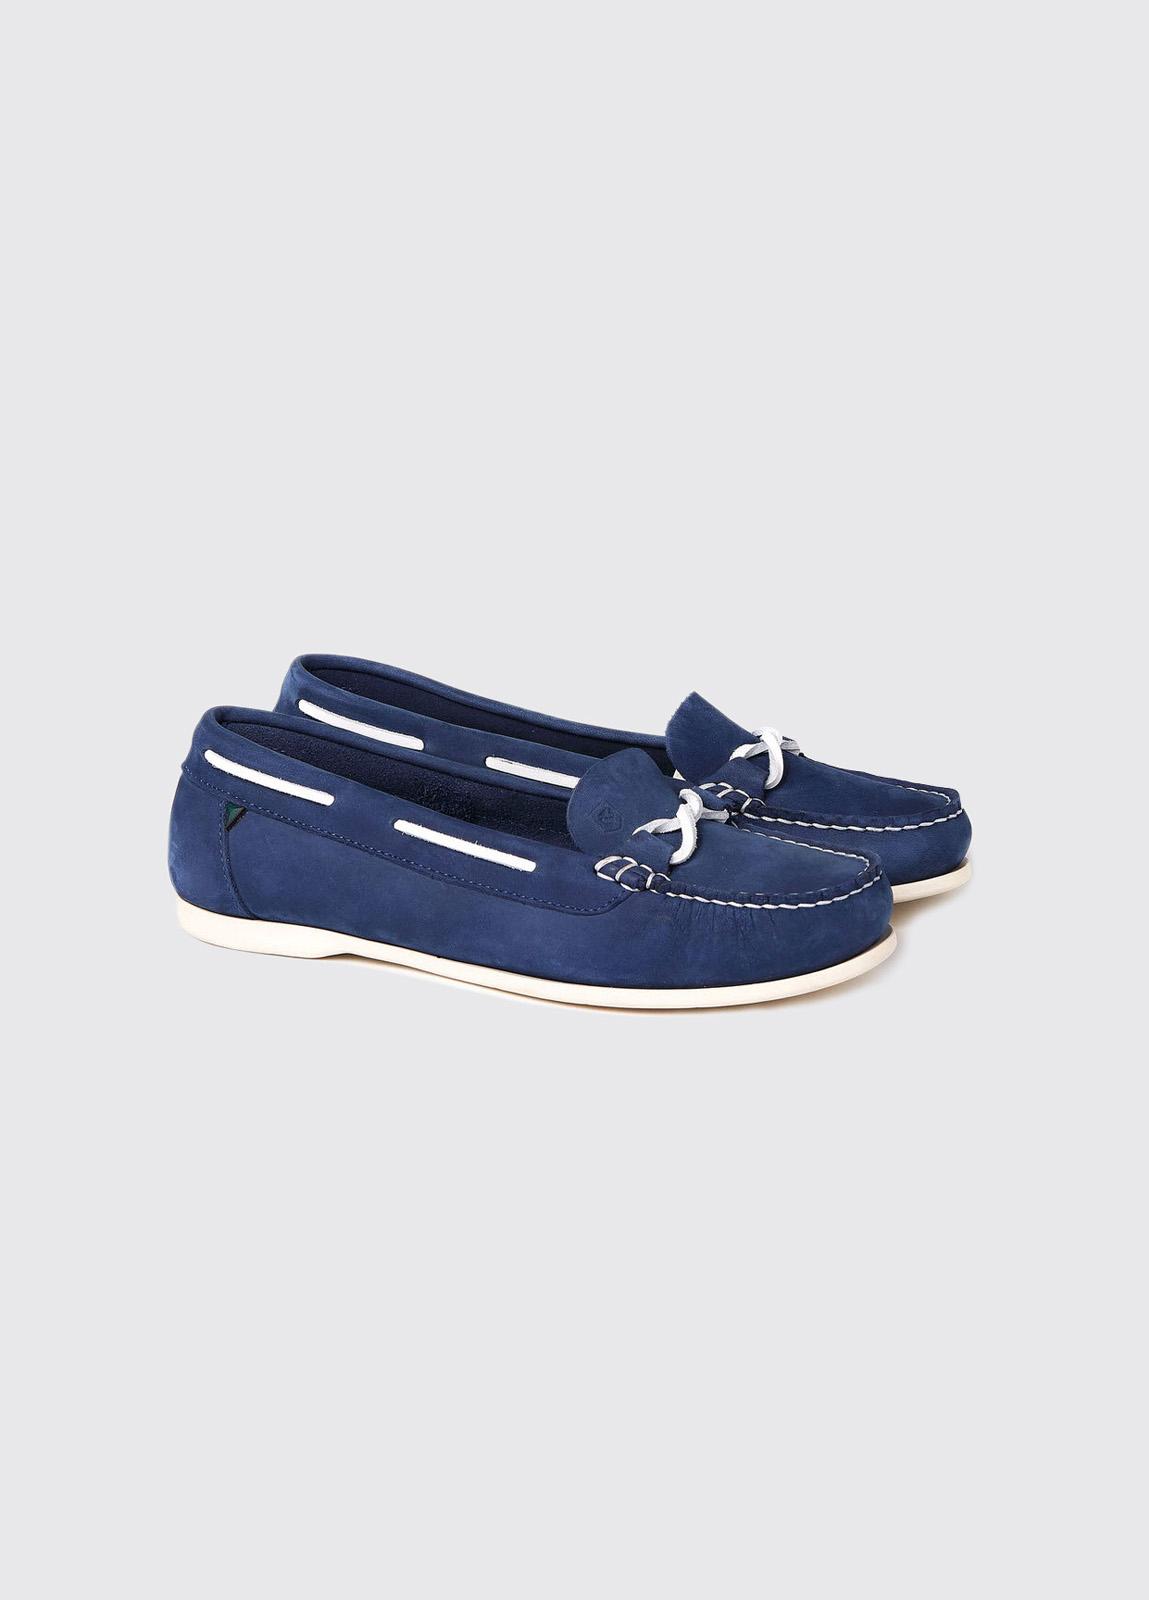 Rhodes Deck Shoe - Royal Blue